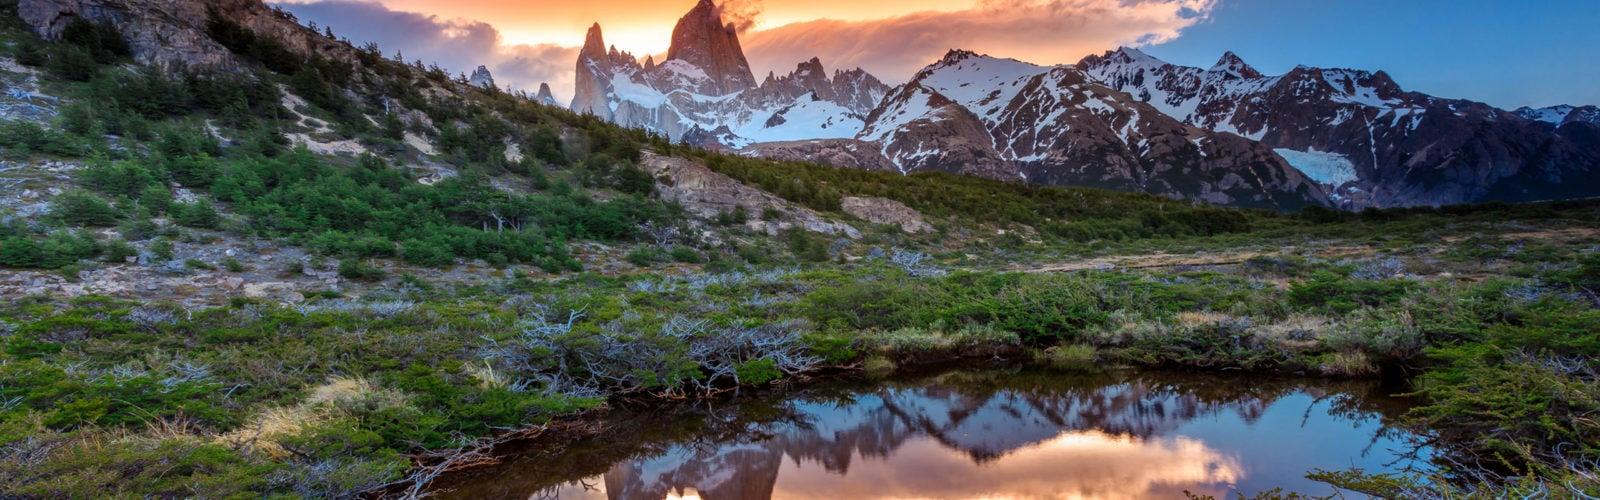 Mount Fitzroy, Patagonia